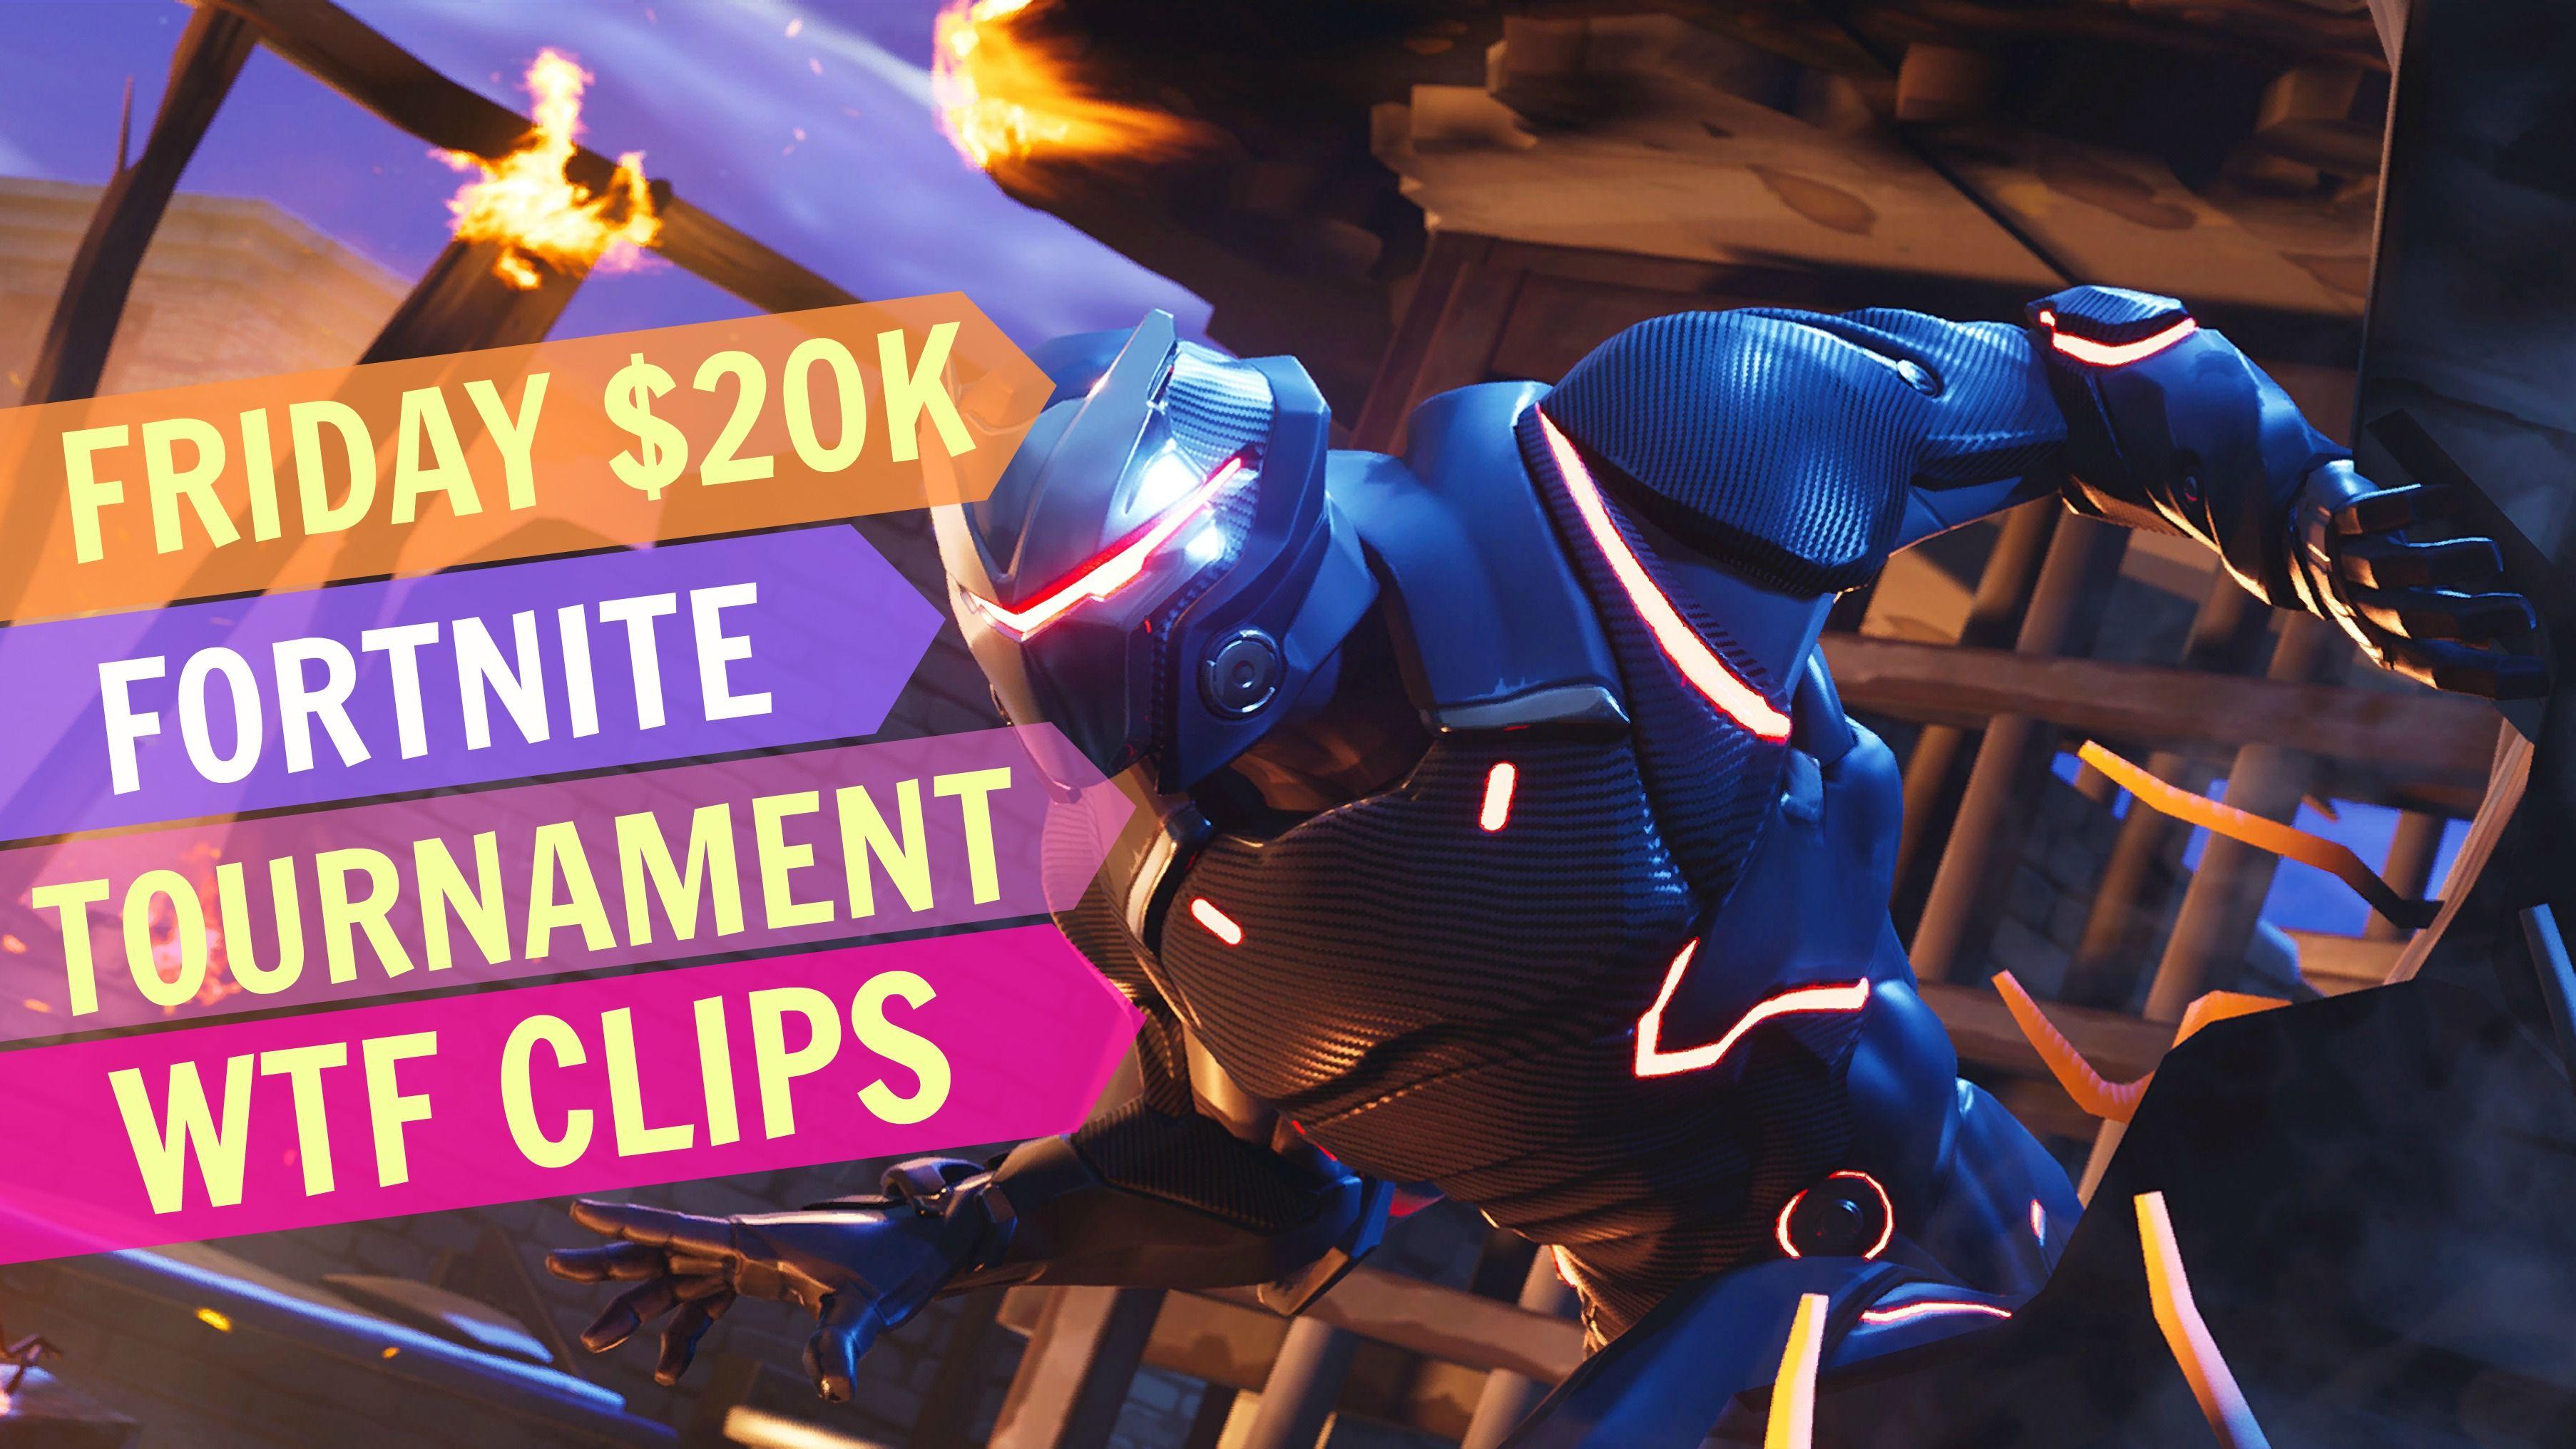 Friday 20k Fortnite Tournament Clips | Fortnite Clips